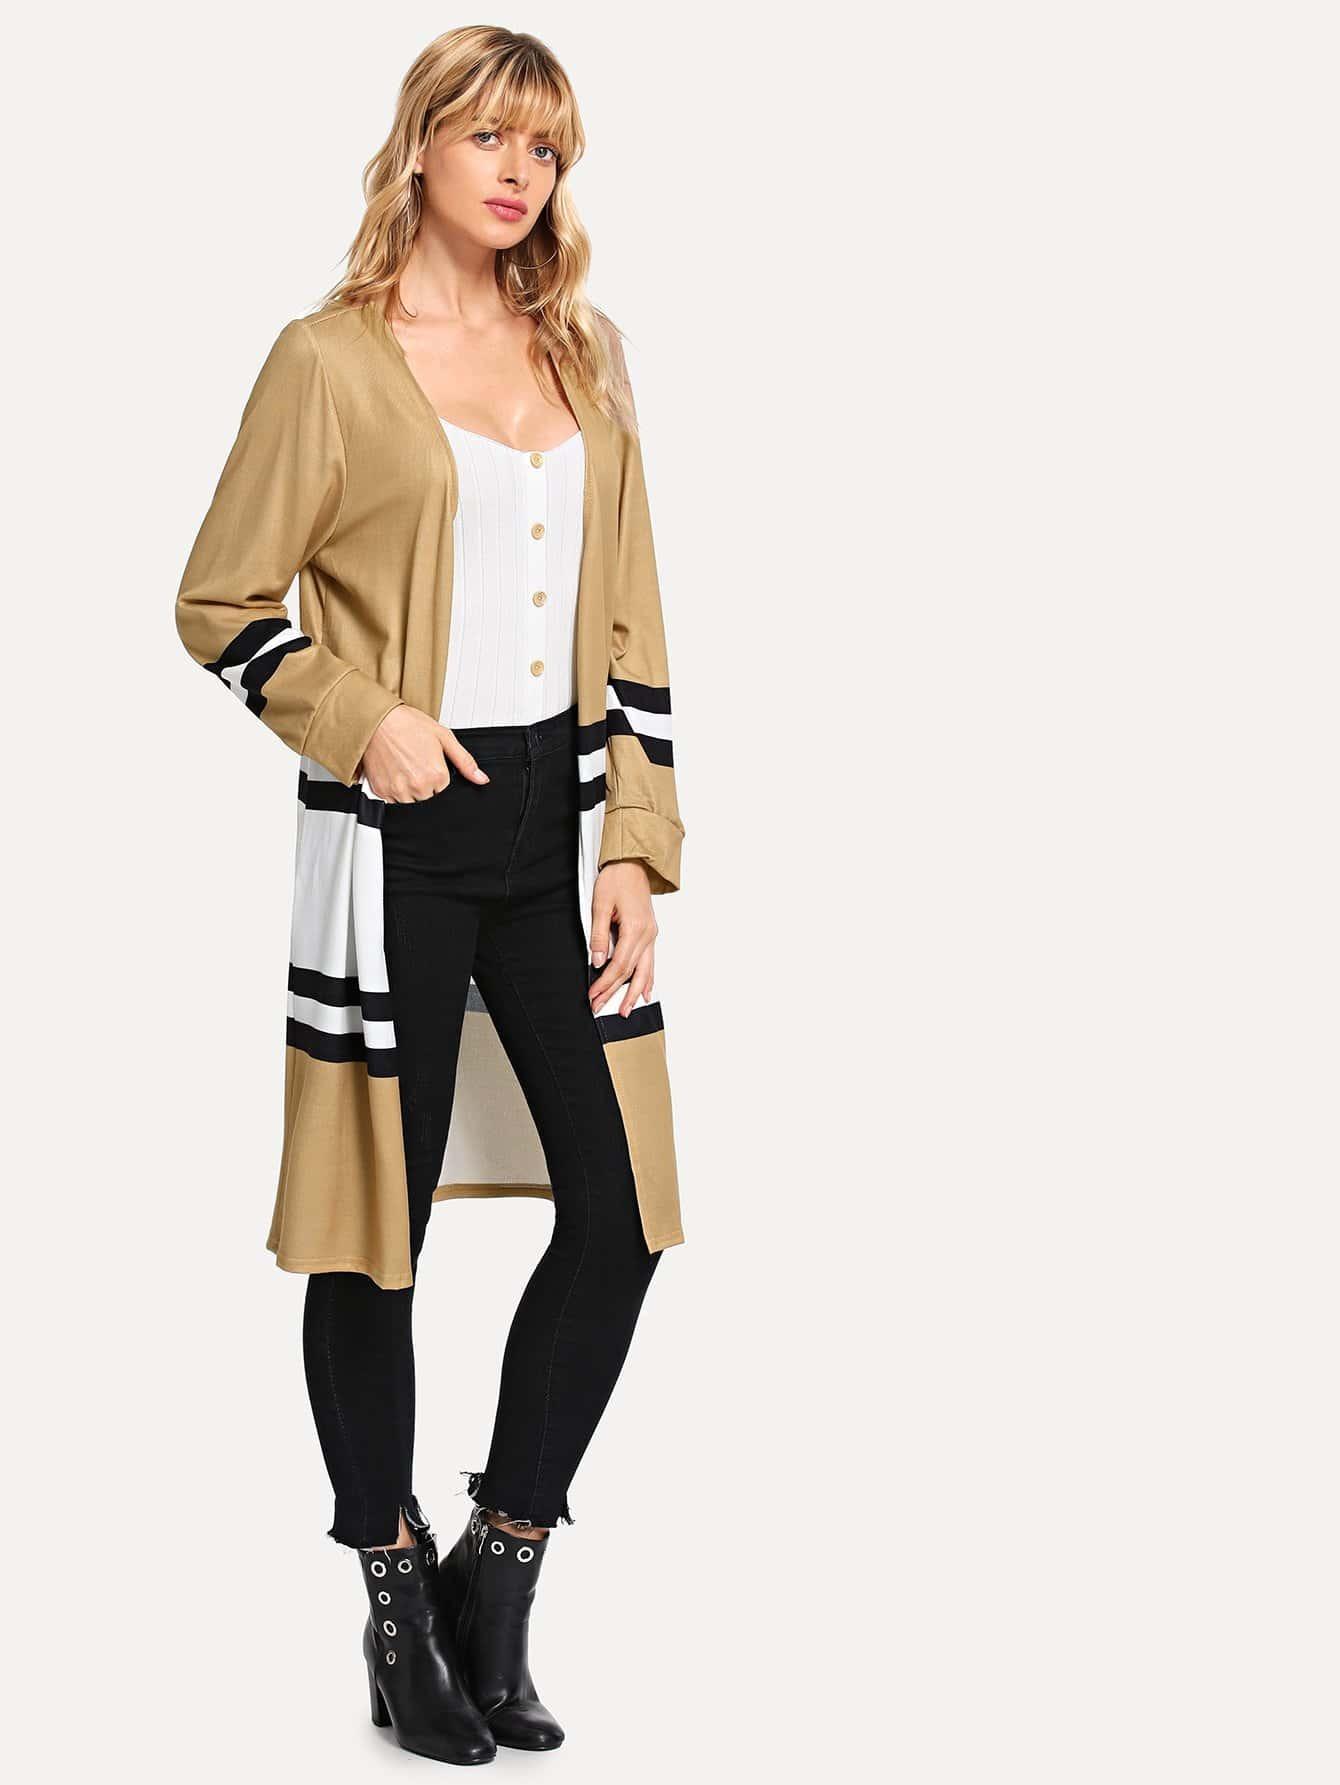 Купить Контрастное полостое пальто, Masha, SheIn